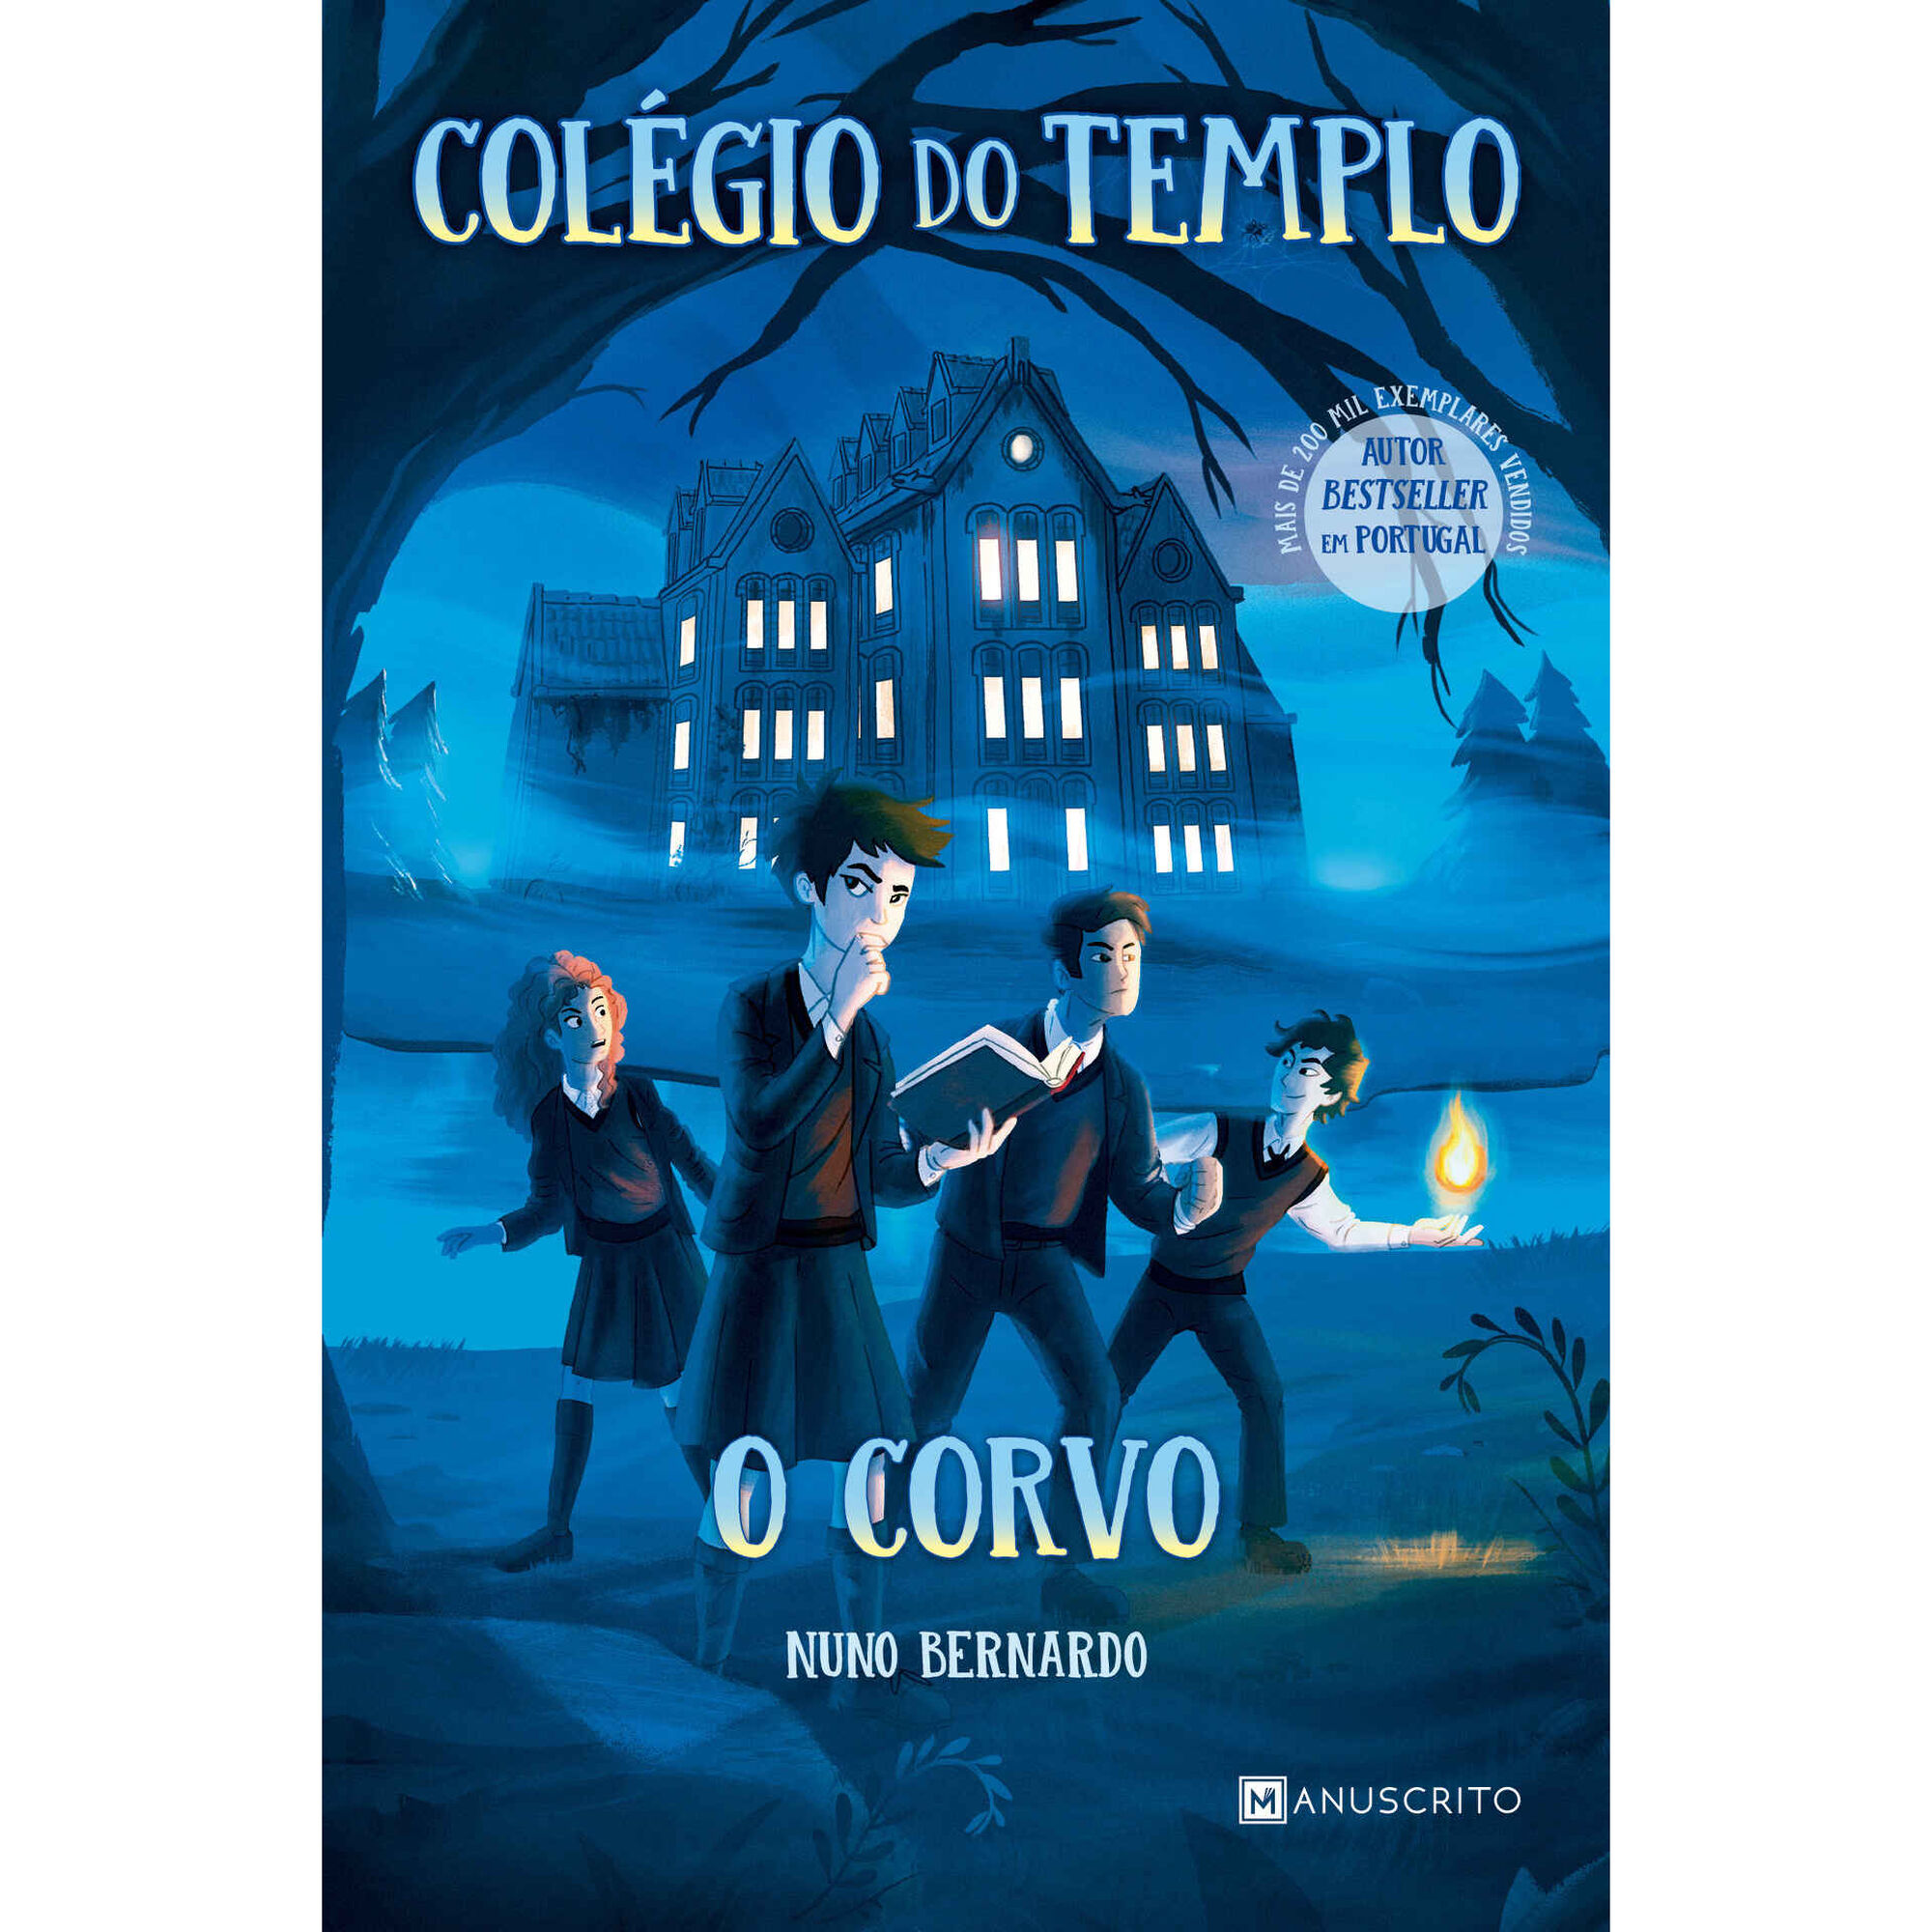 Colégio do Templo - O Corvo